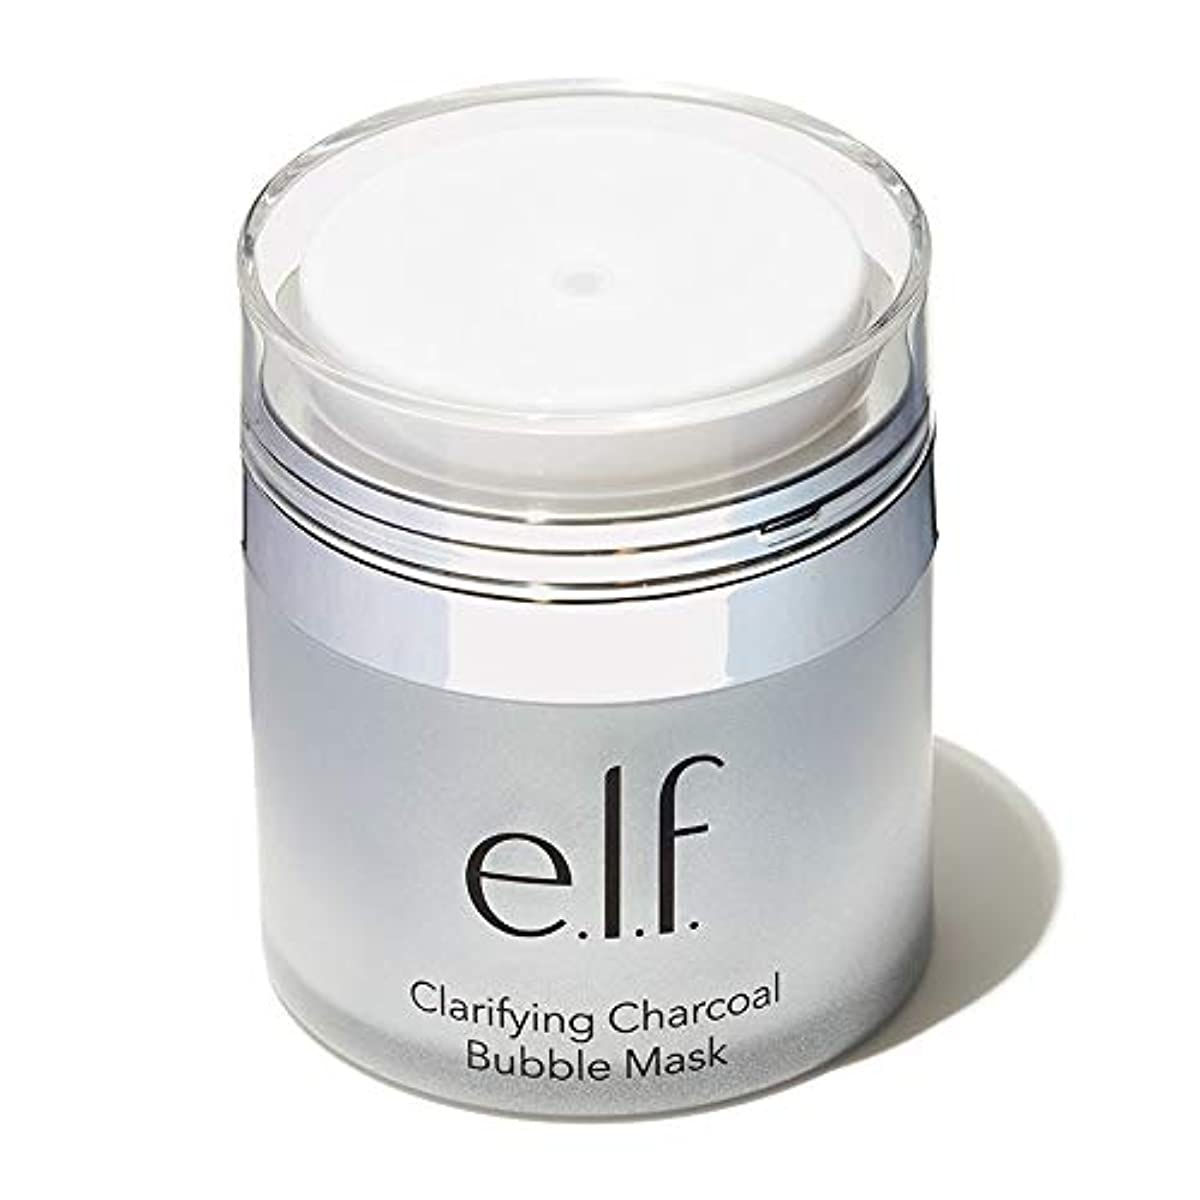 口頭ライフル考えたe.l.f. Clarifying Charcoal Bubble Mask (並行輸入品)